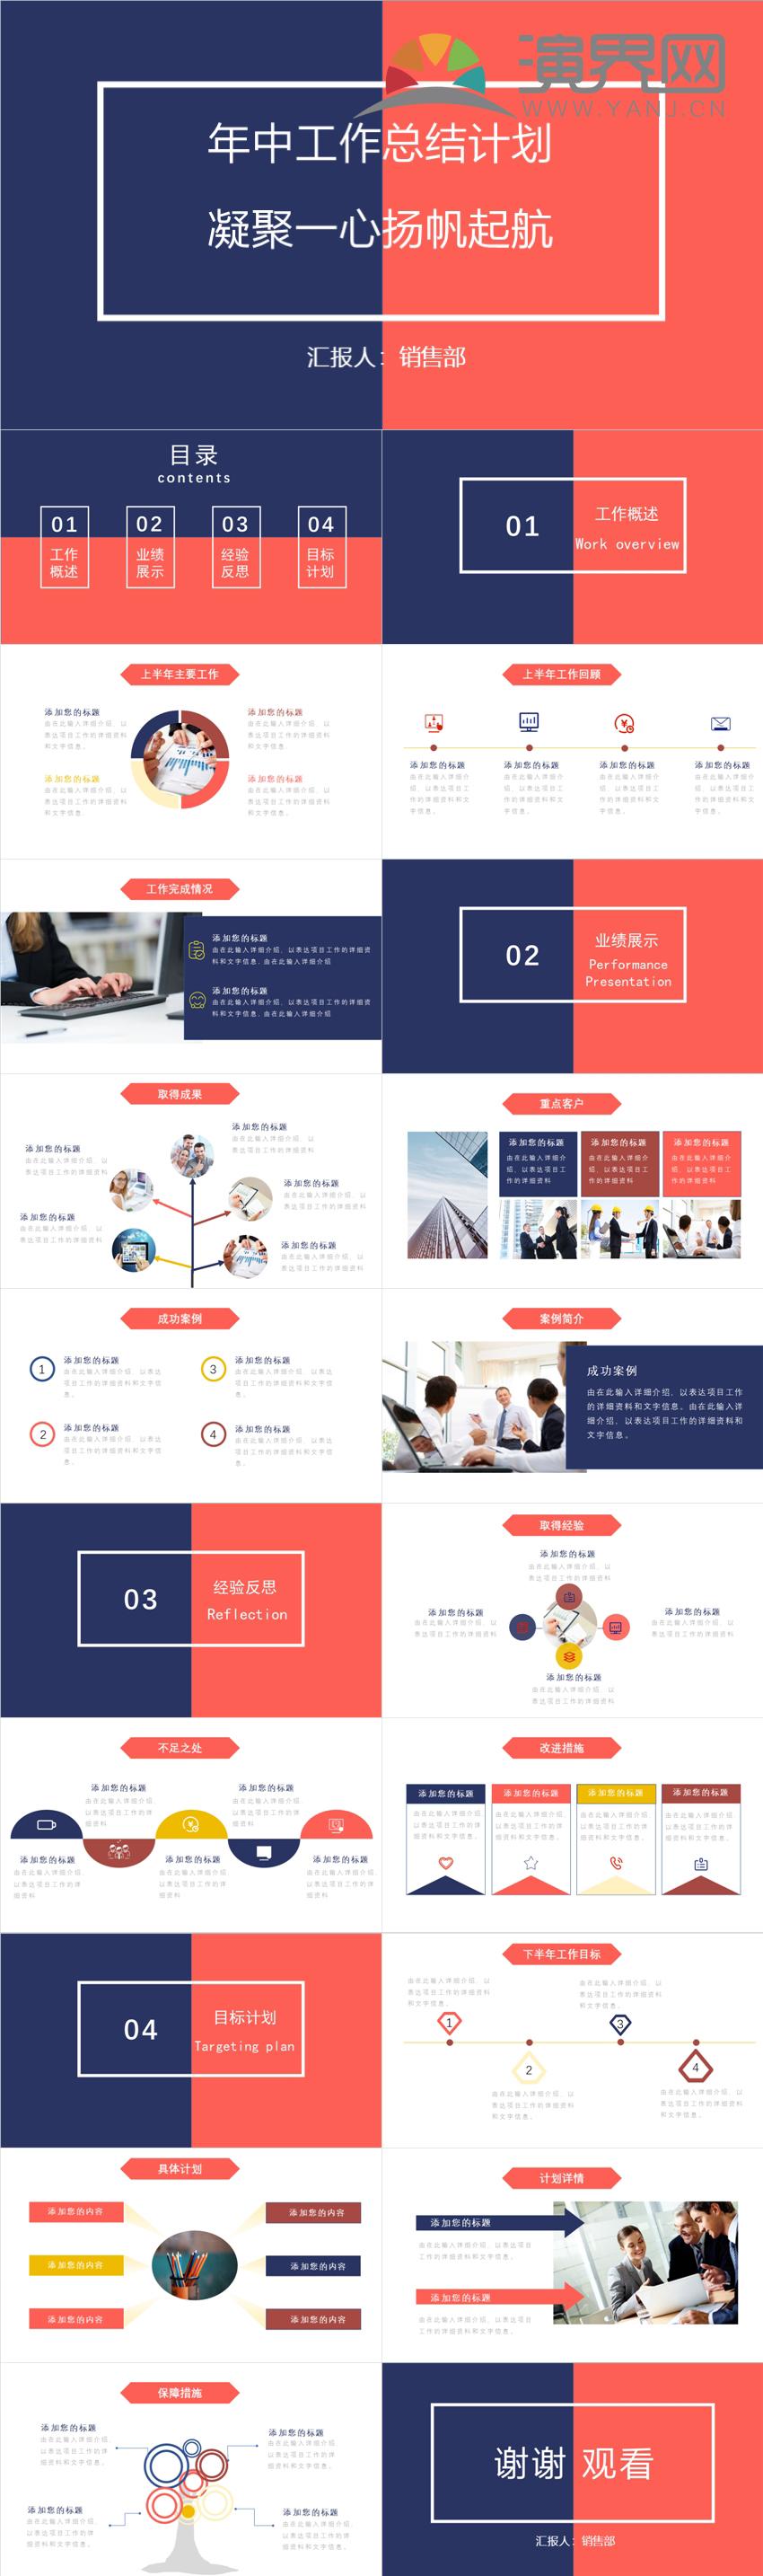 藍色 紅色 工作總結 工作計劃 項目總結 項目匯報